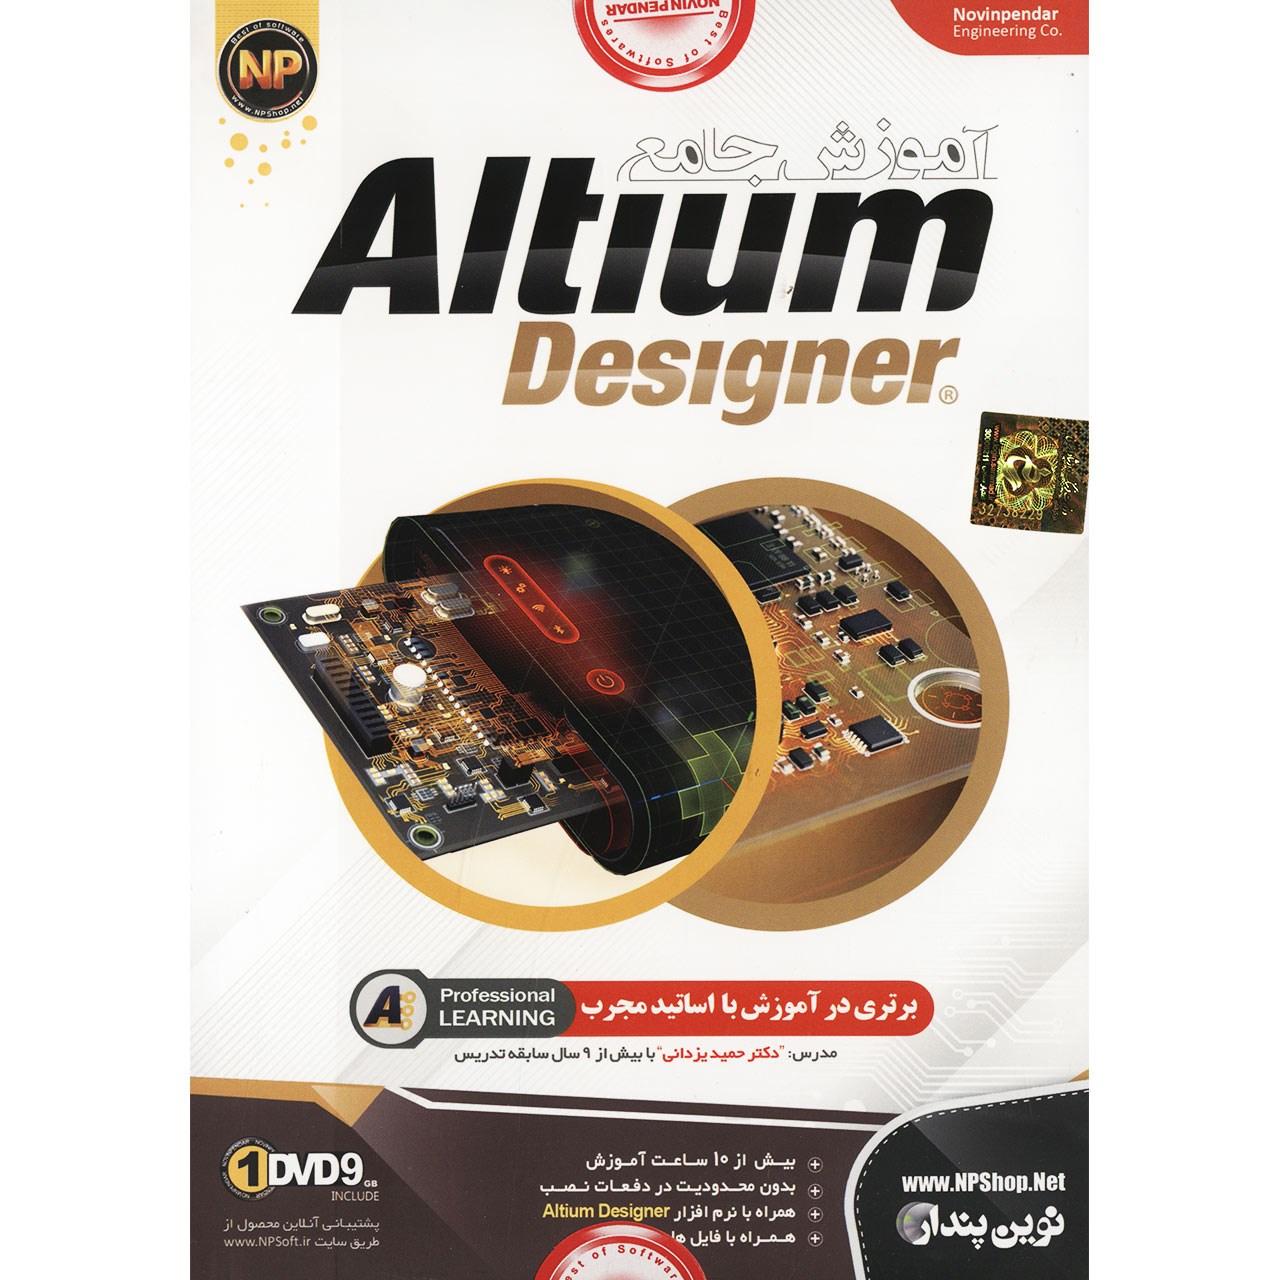 نرم افزار آموزش جامع Altium Designer نشر نوین پندار